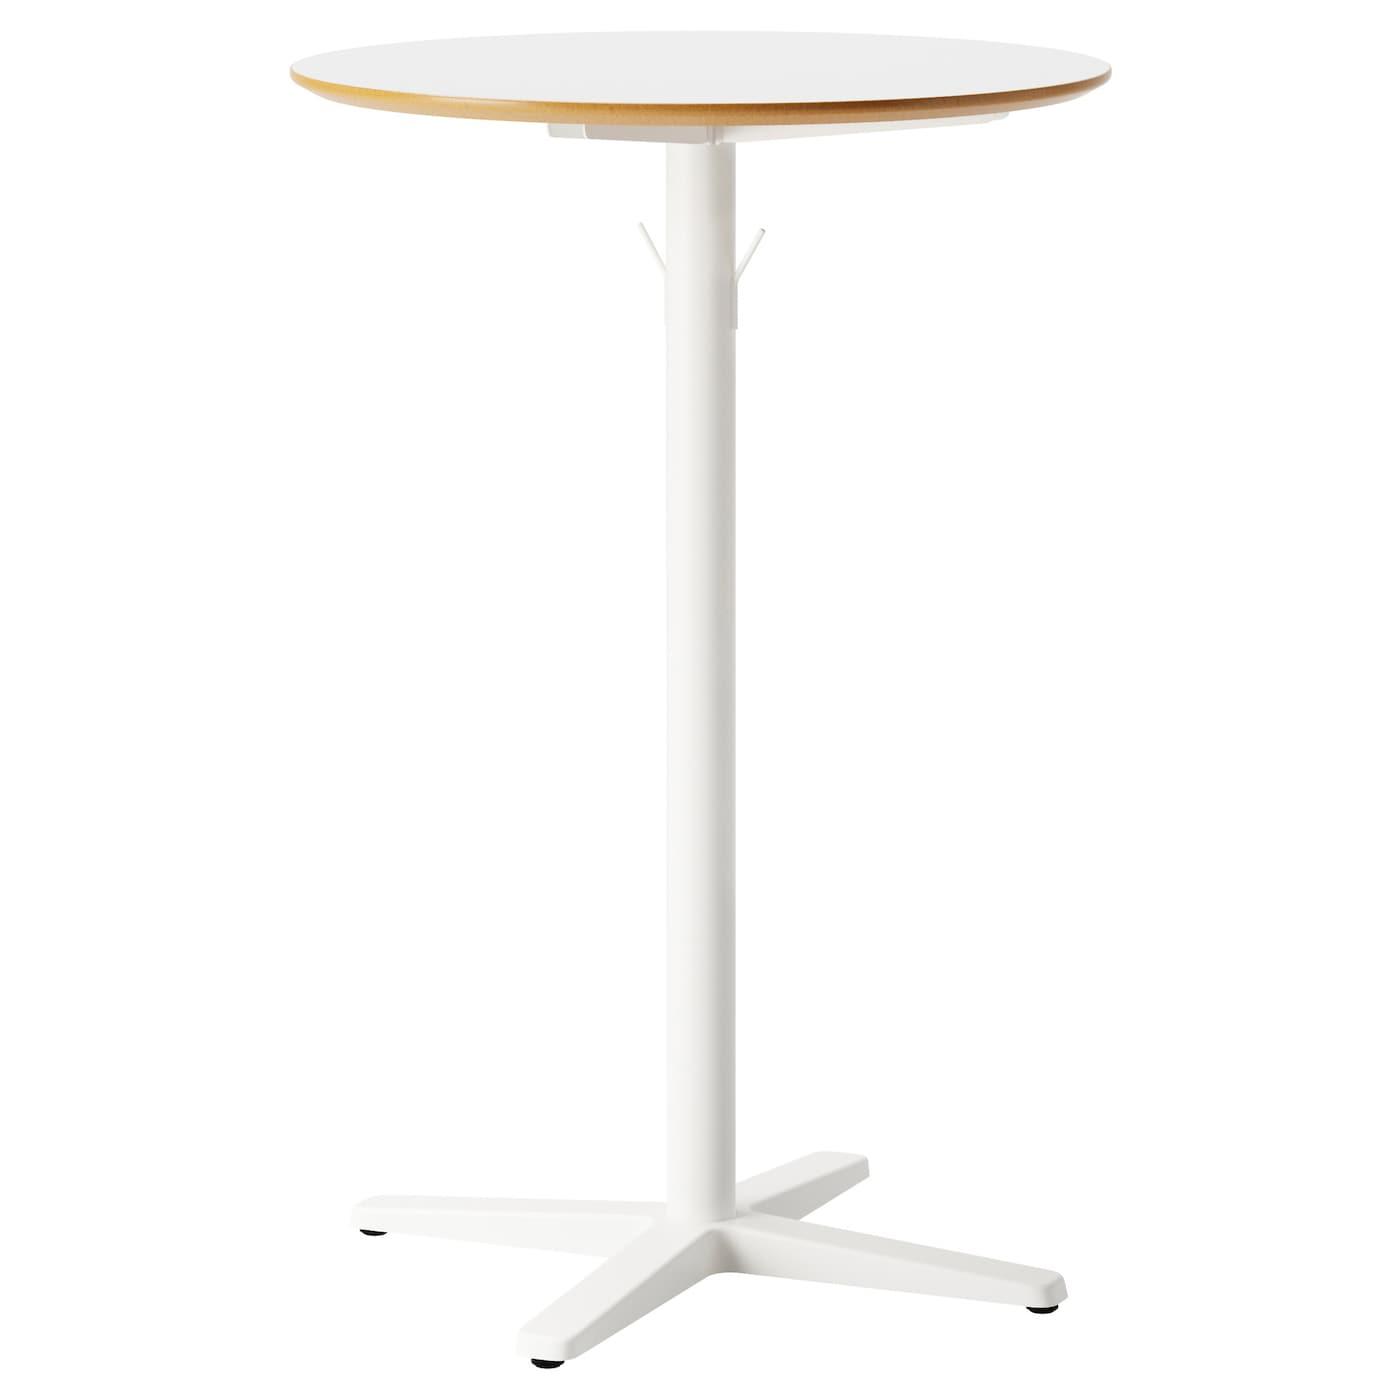 Ikea Wandklapptisch norberg wandklapptisch ikea